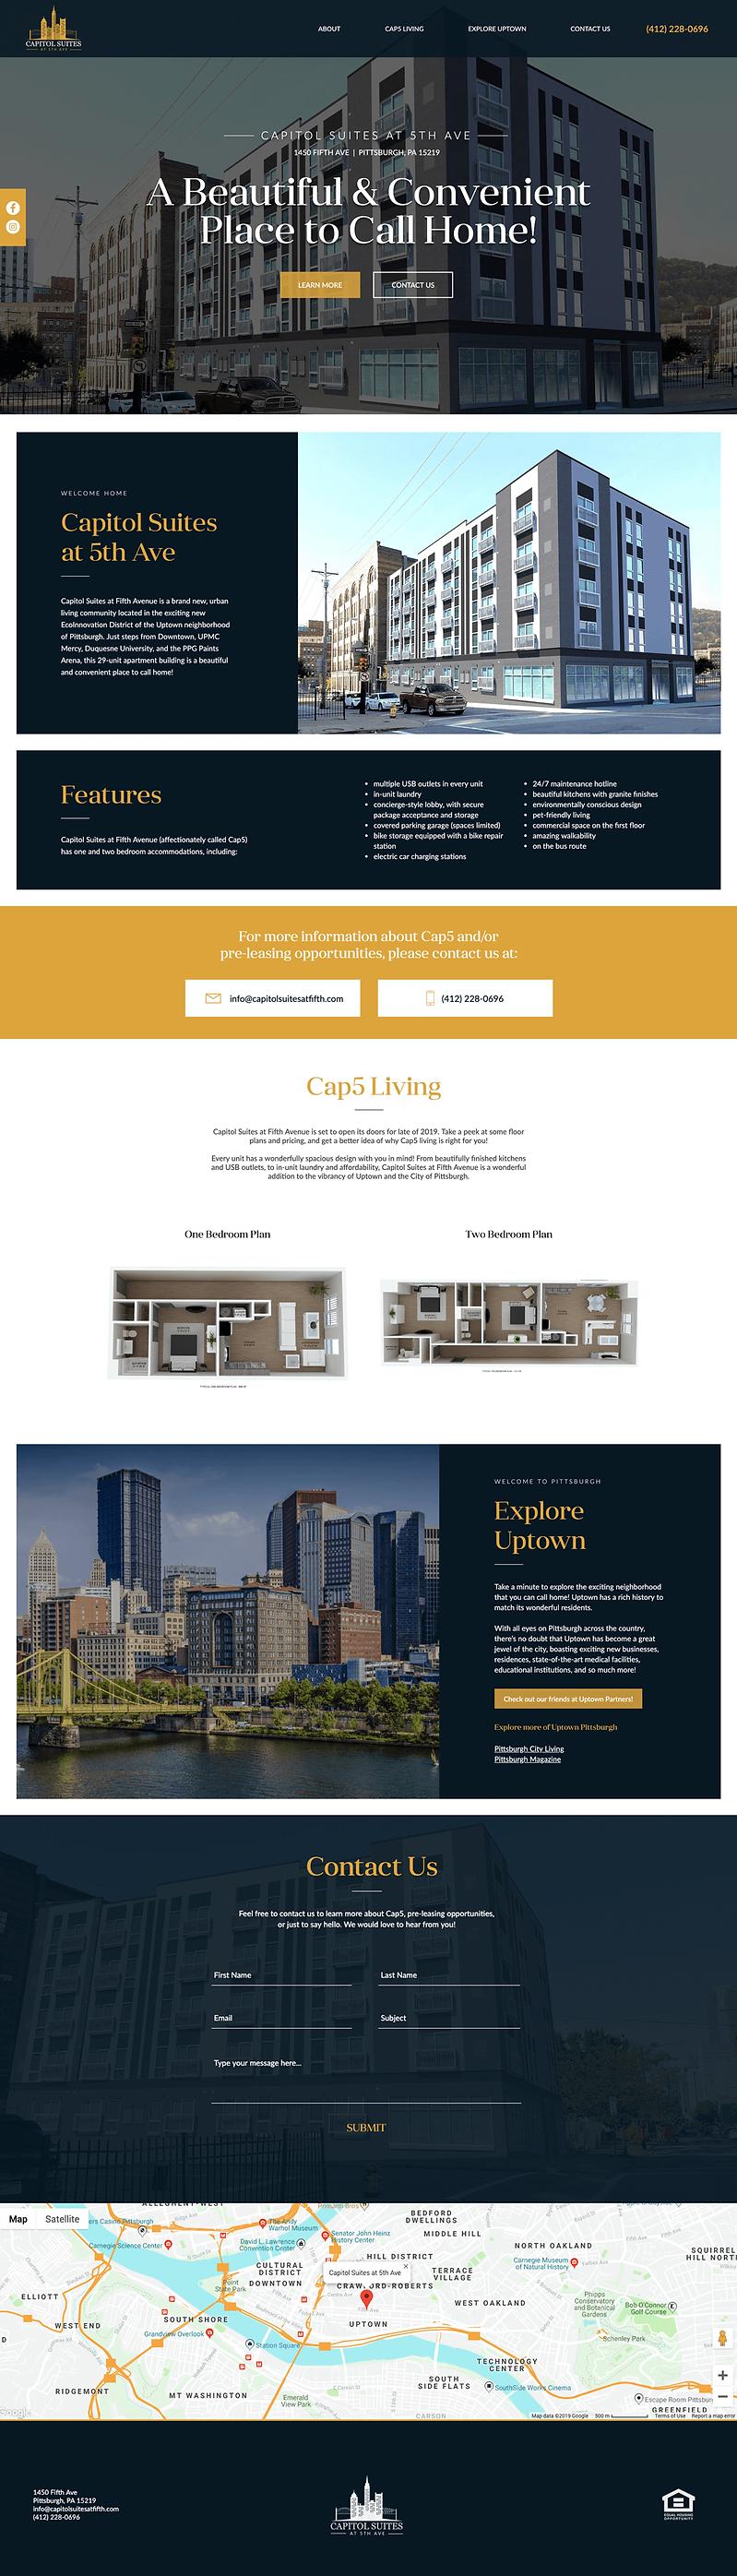 capitol suites website design